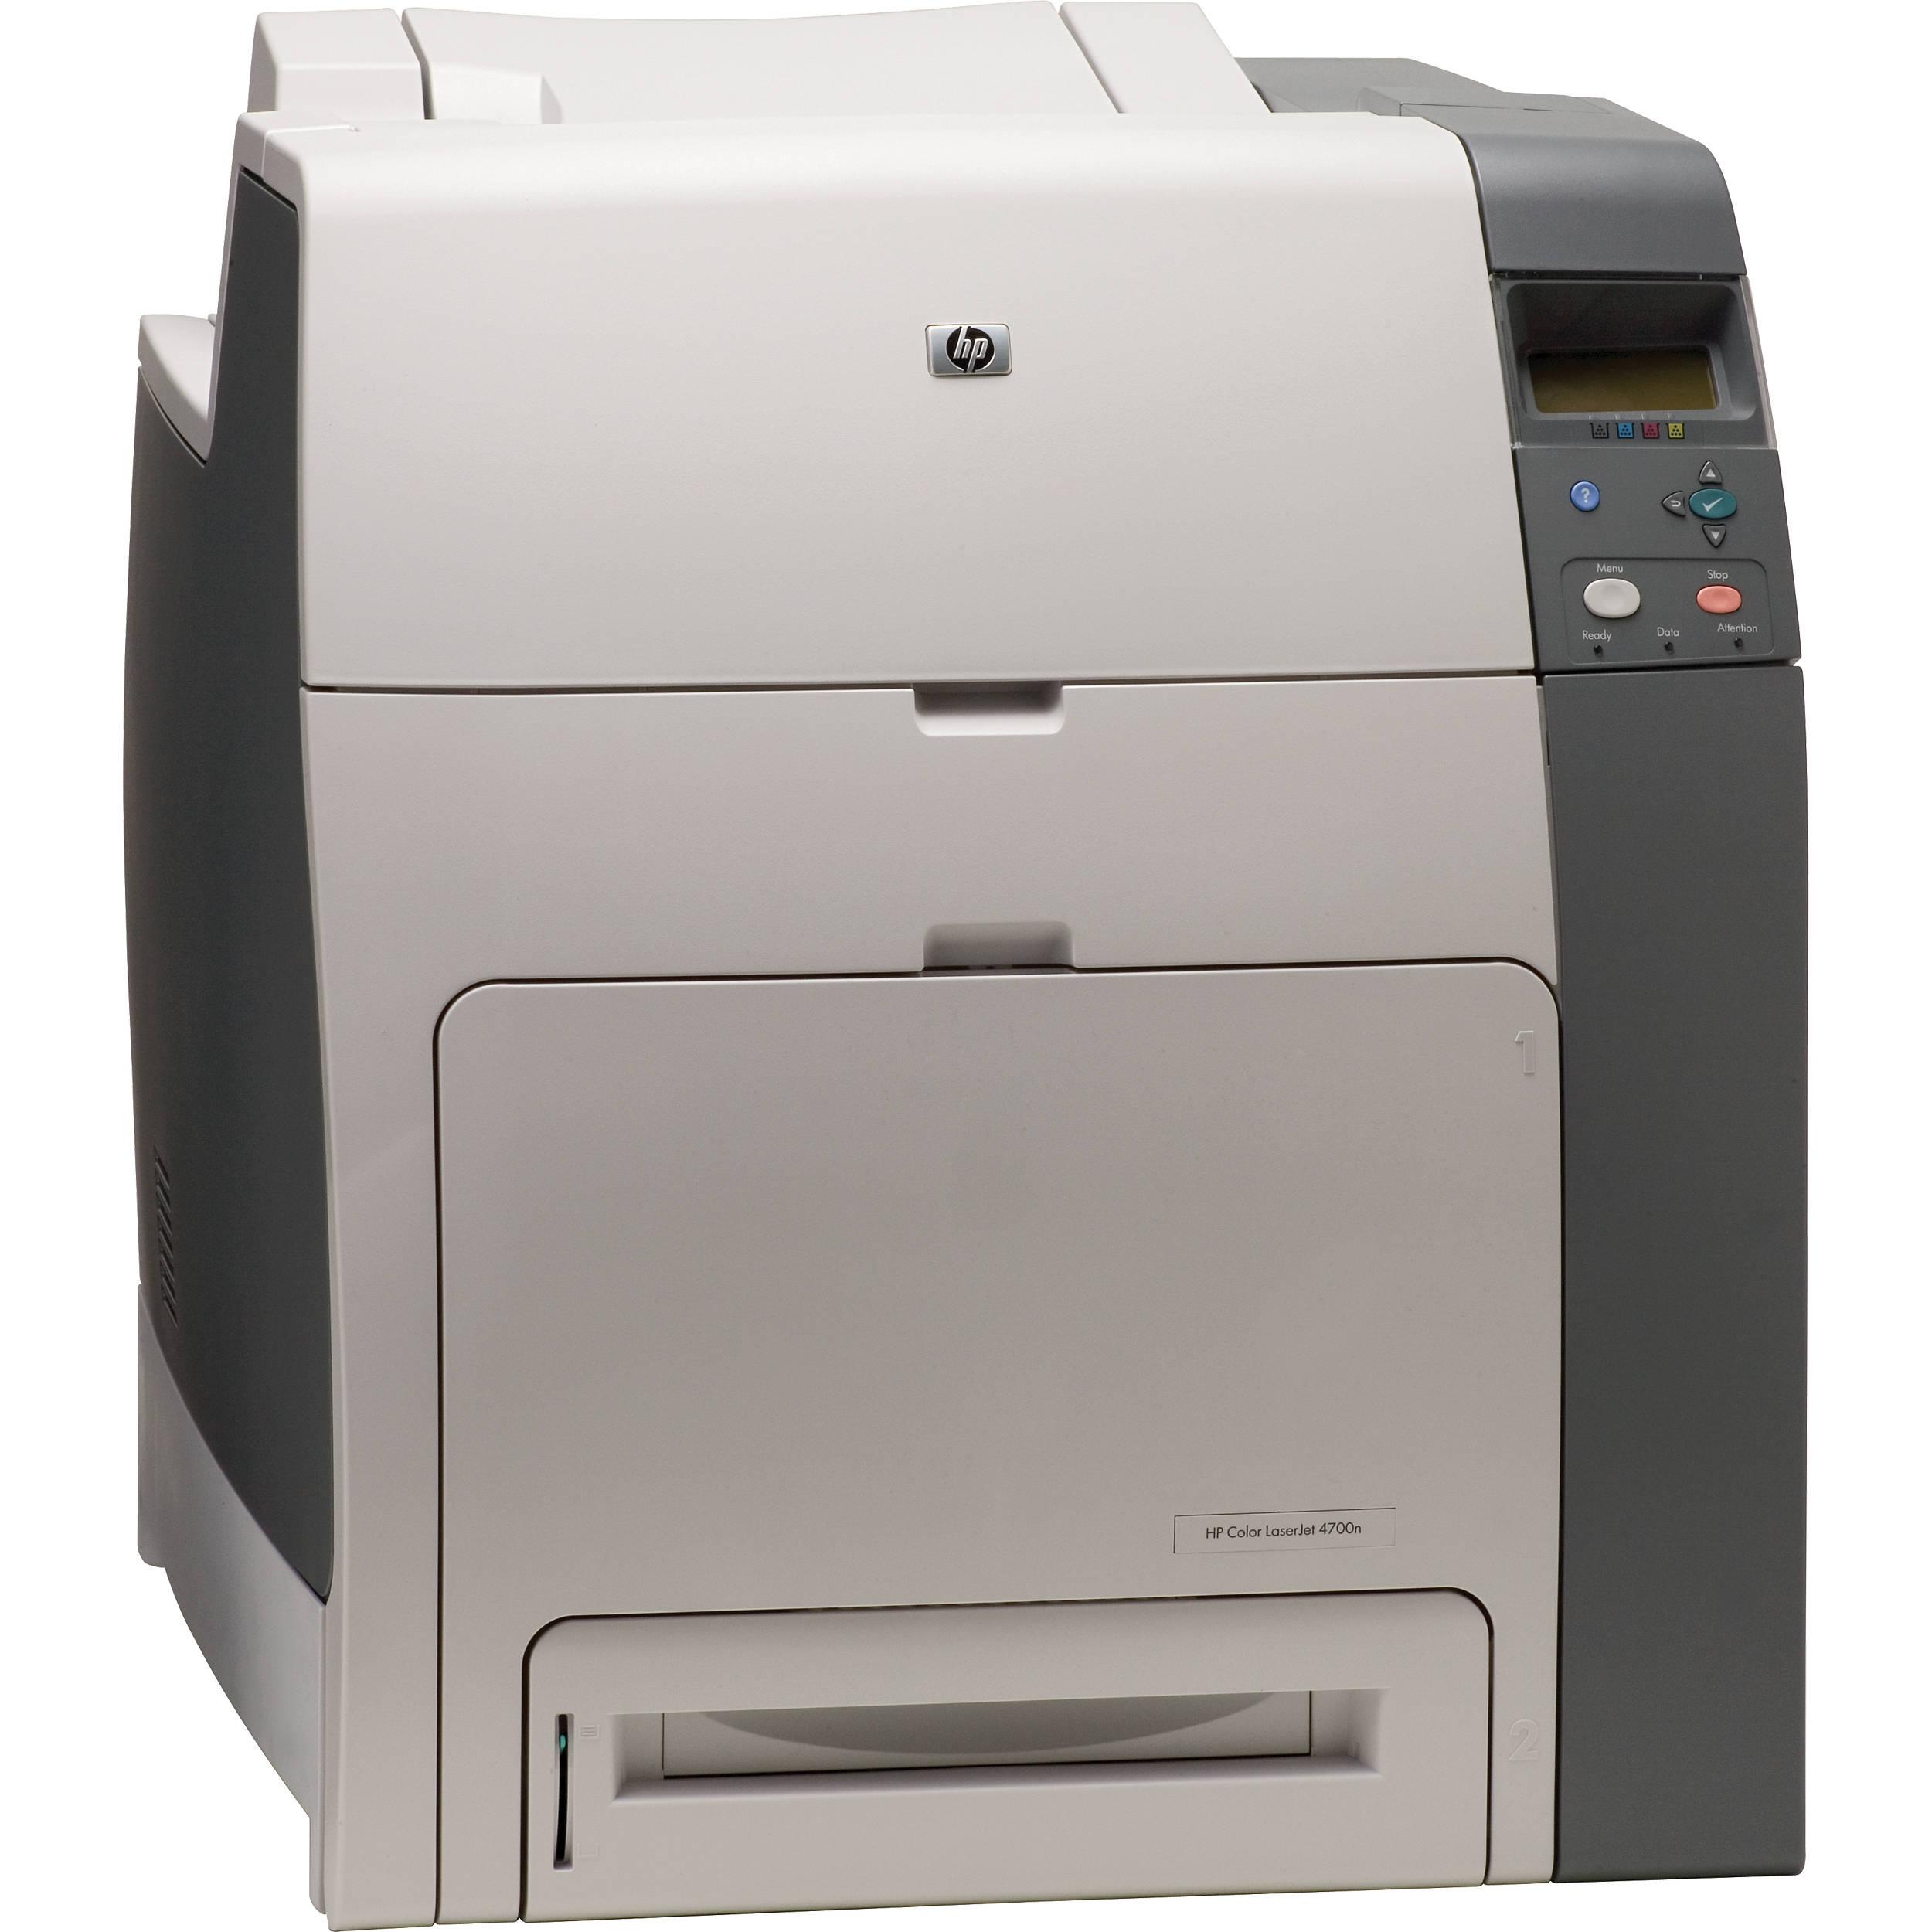 hp color laserjet 4700n 28 images hp color laserjet 4700n printer by office depot officemax. Black Bedroom Furniture Sets. Home Design Ideas